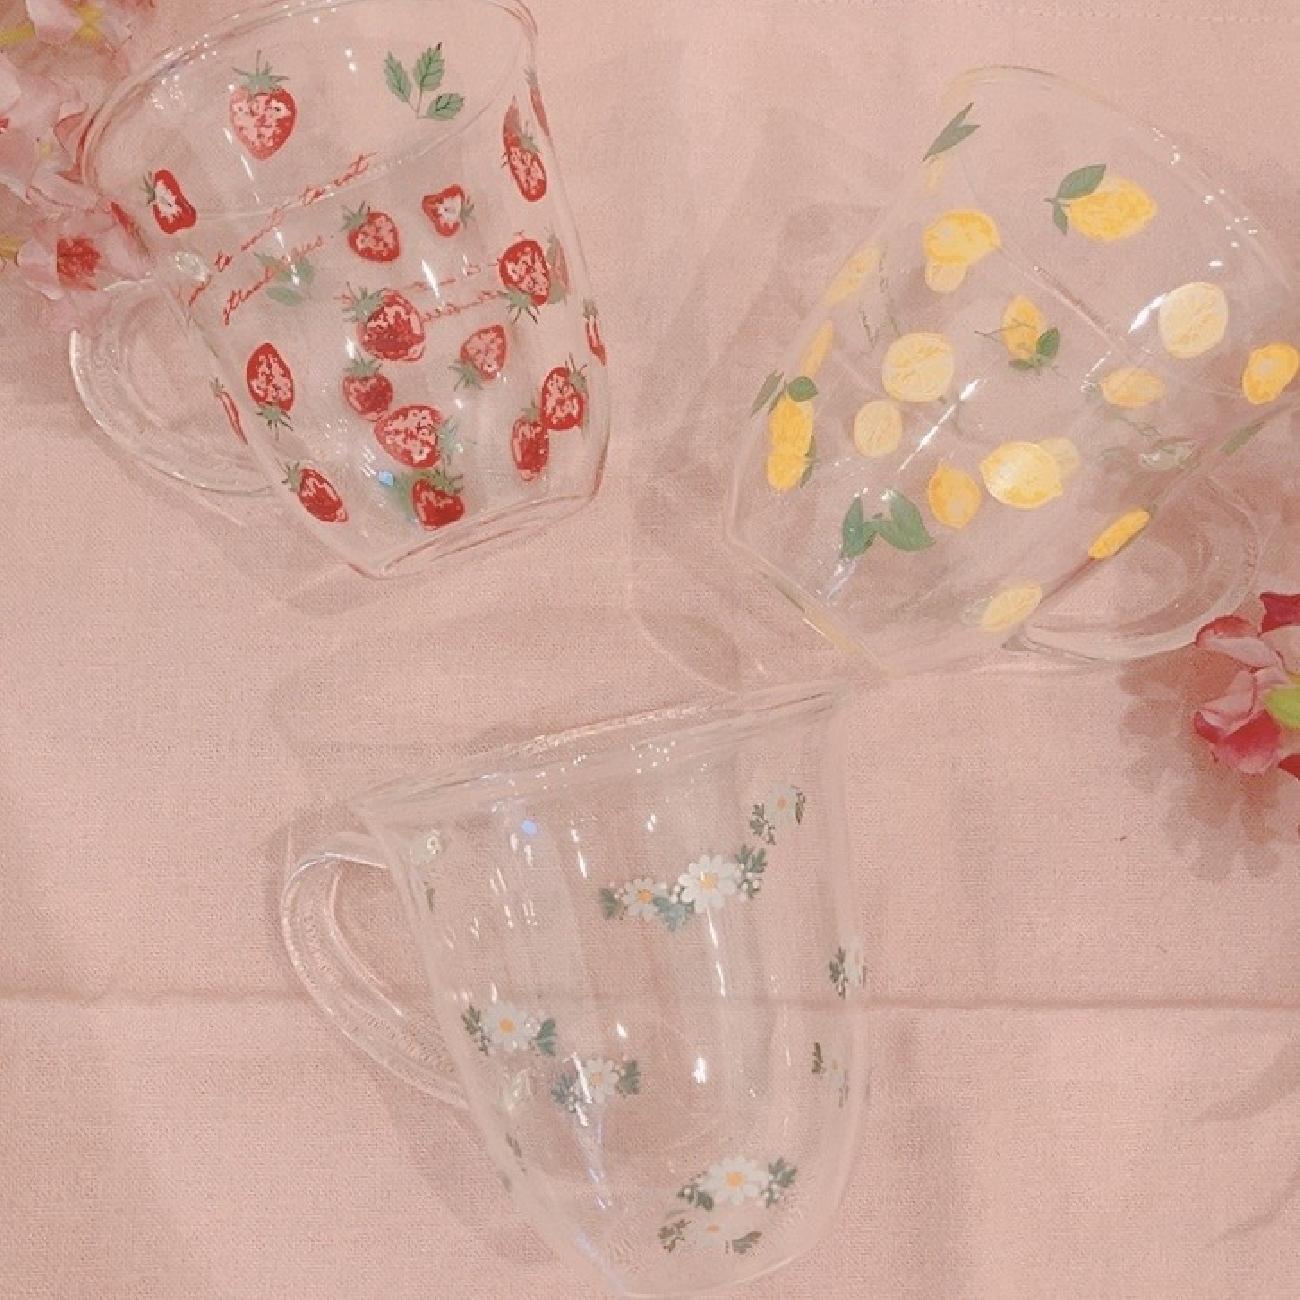 耐熱マグ/マグカップ/紅茶/ティーセット/ティータイム/いちご/レモン/可愛い/耐熱/リラックスタイム/リフレッシュタイム